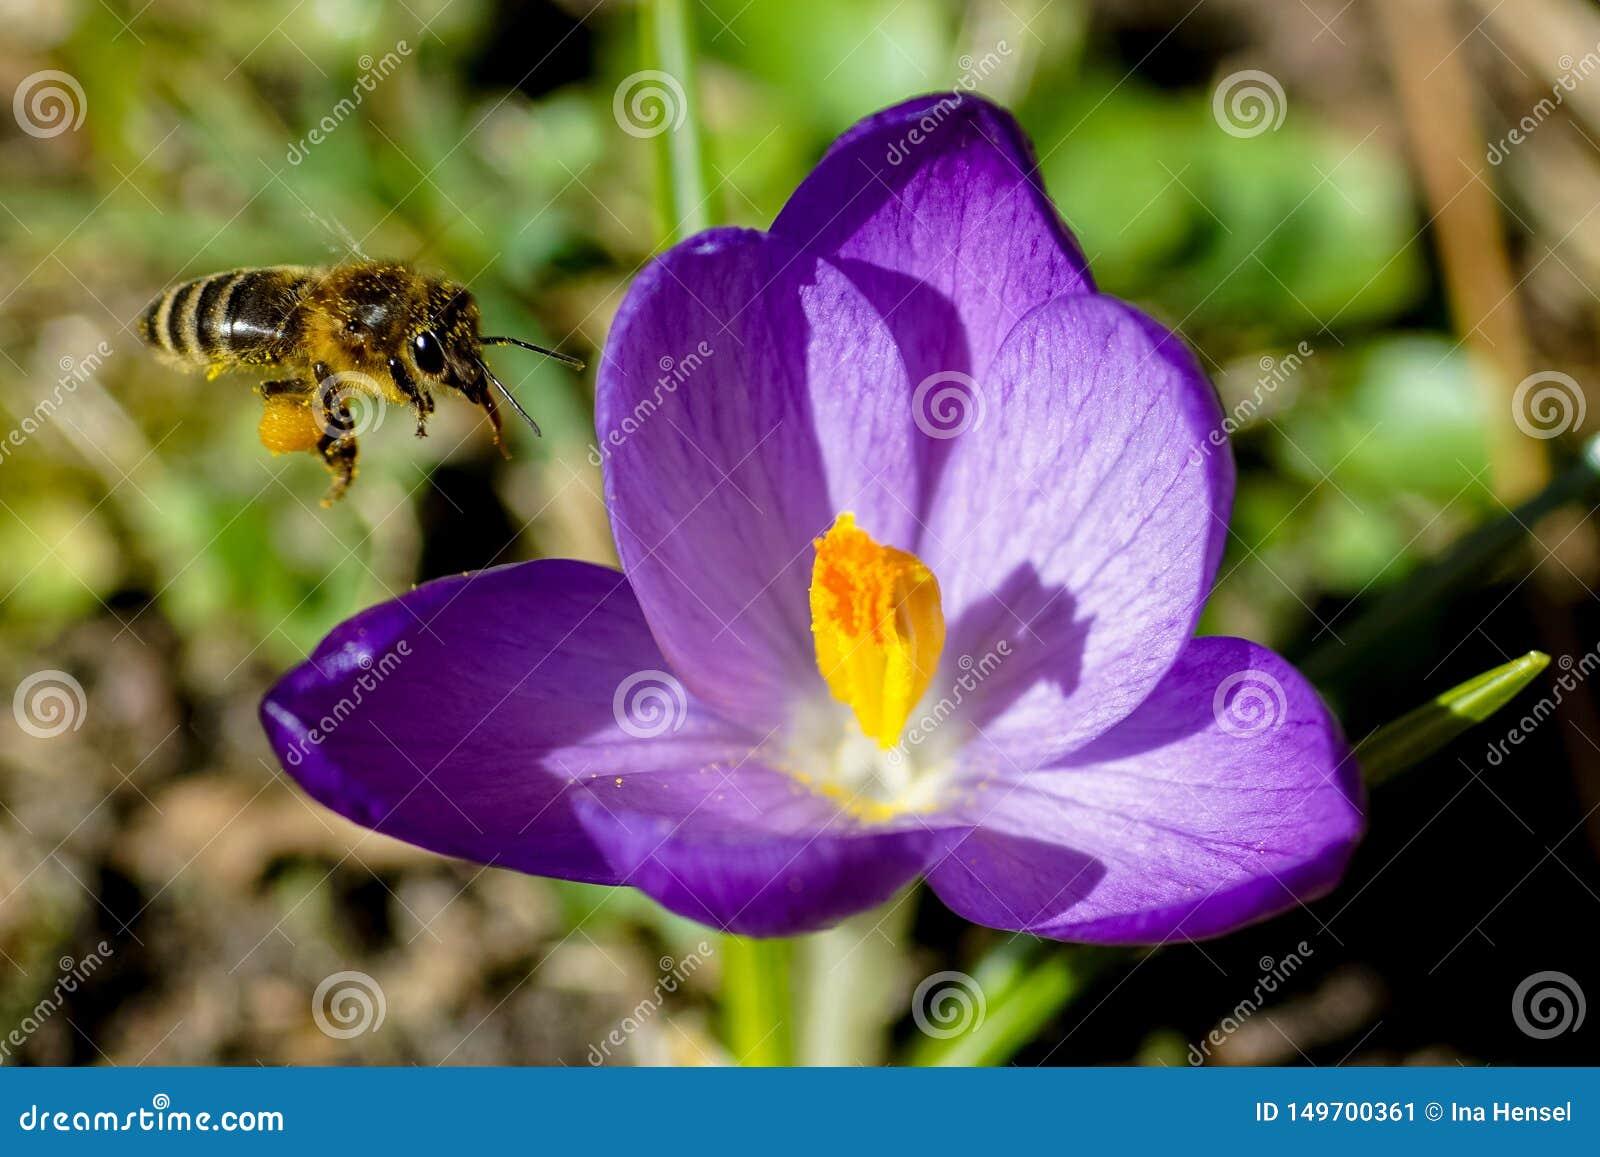 La abeja con polen en él es pies